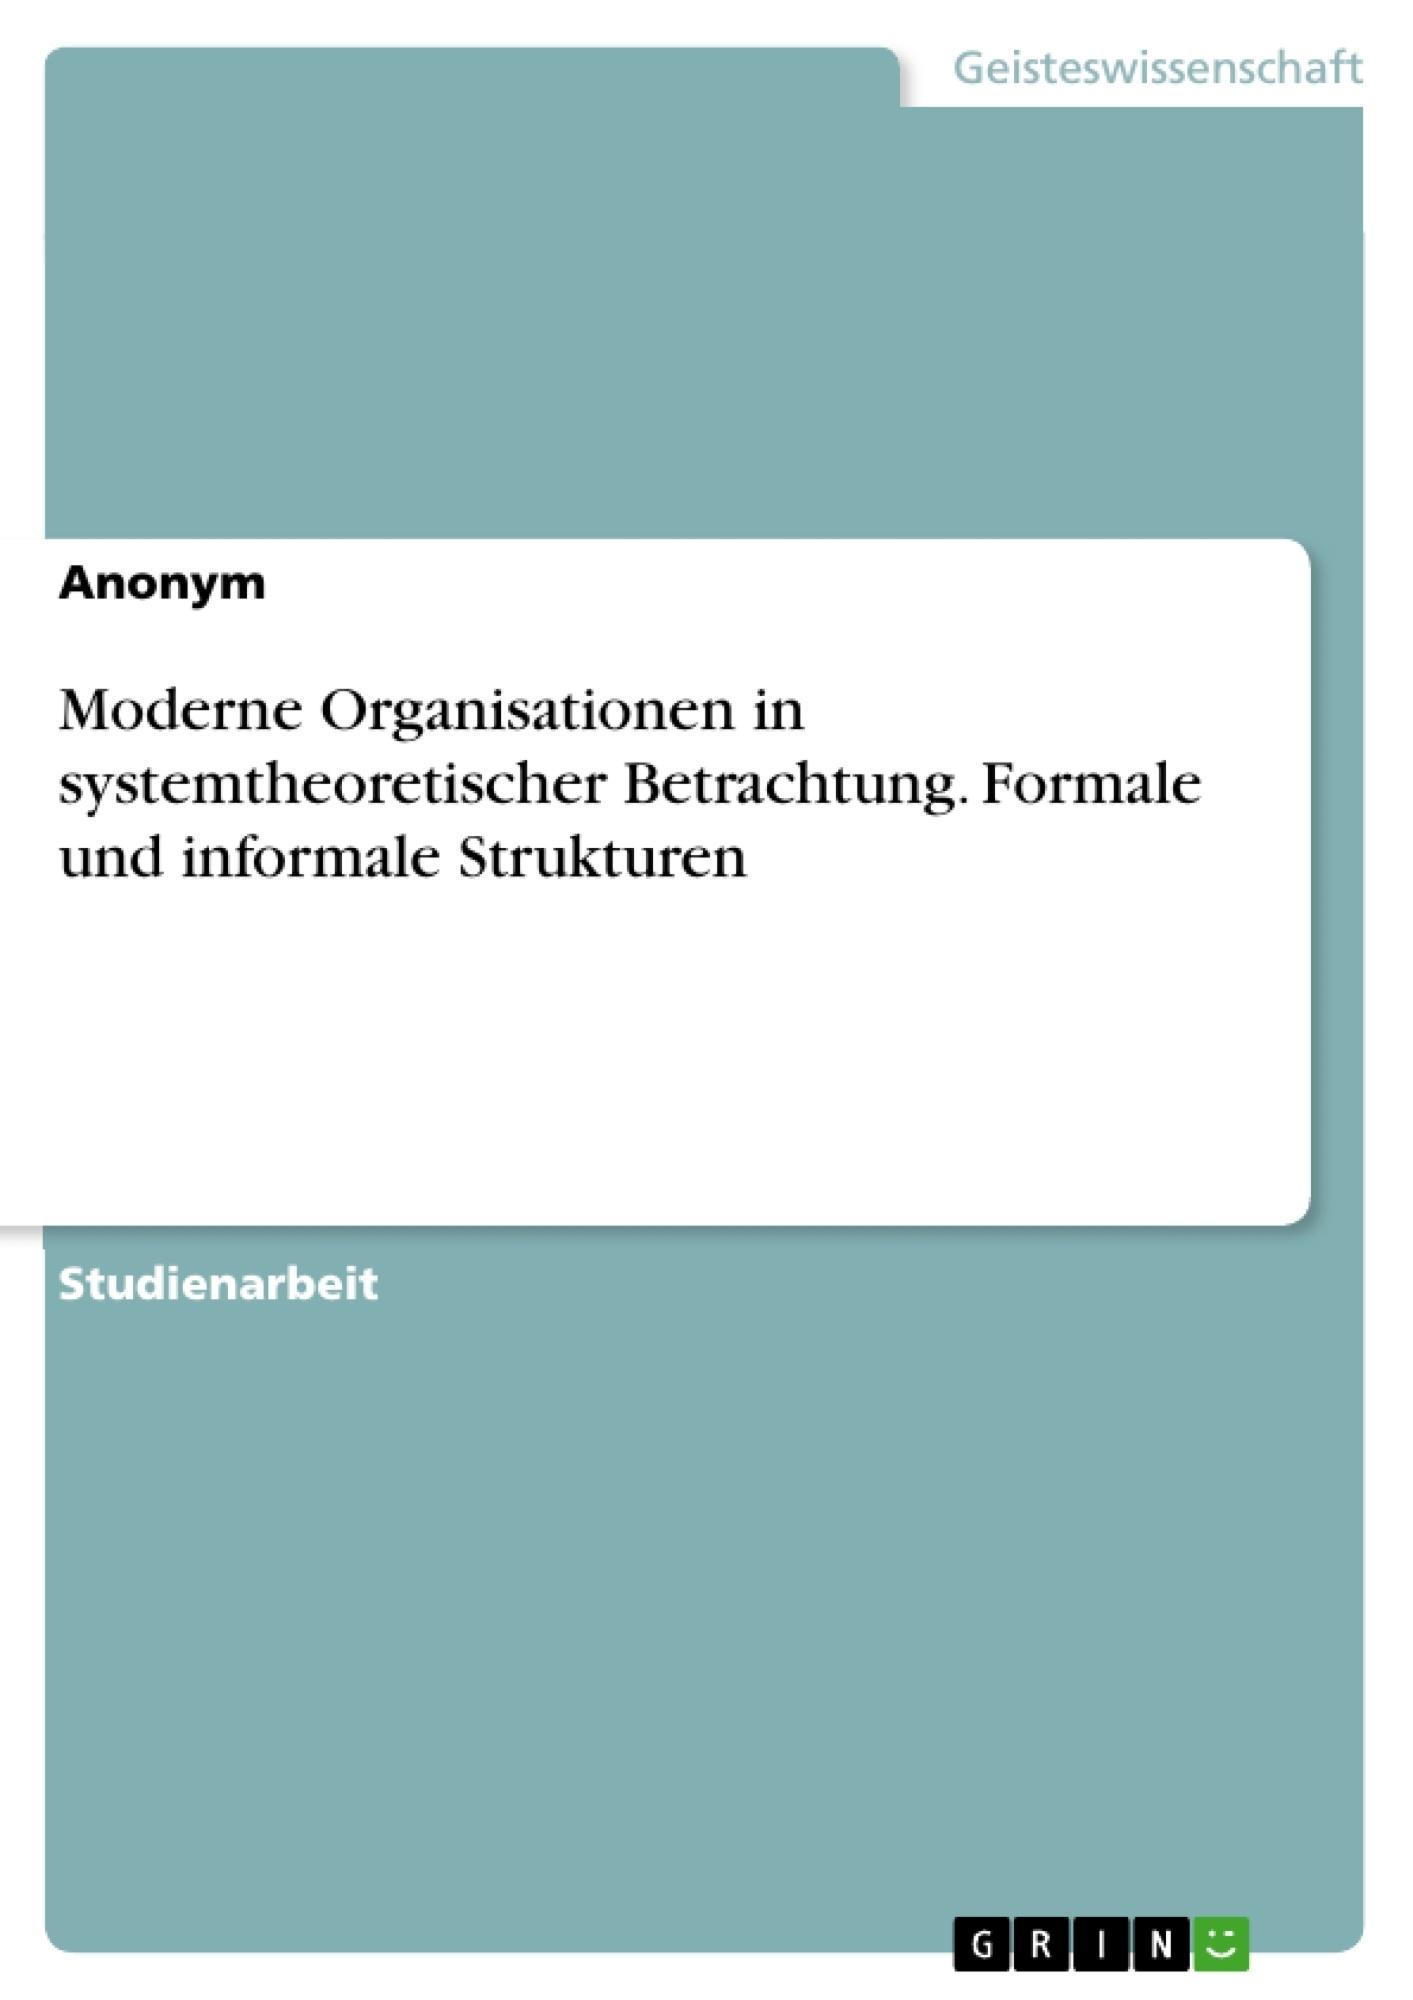 Titel: Moderne Organisationen in systemtheoretischer Betrachtung. Formale und informale Strukturen